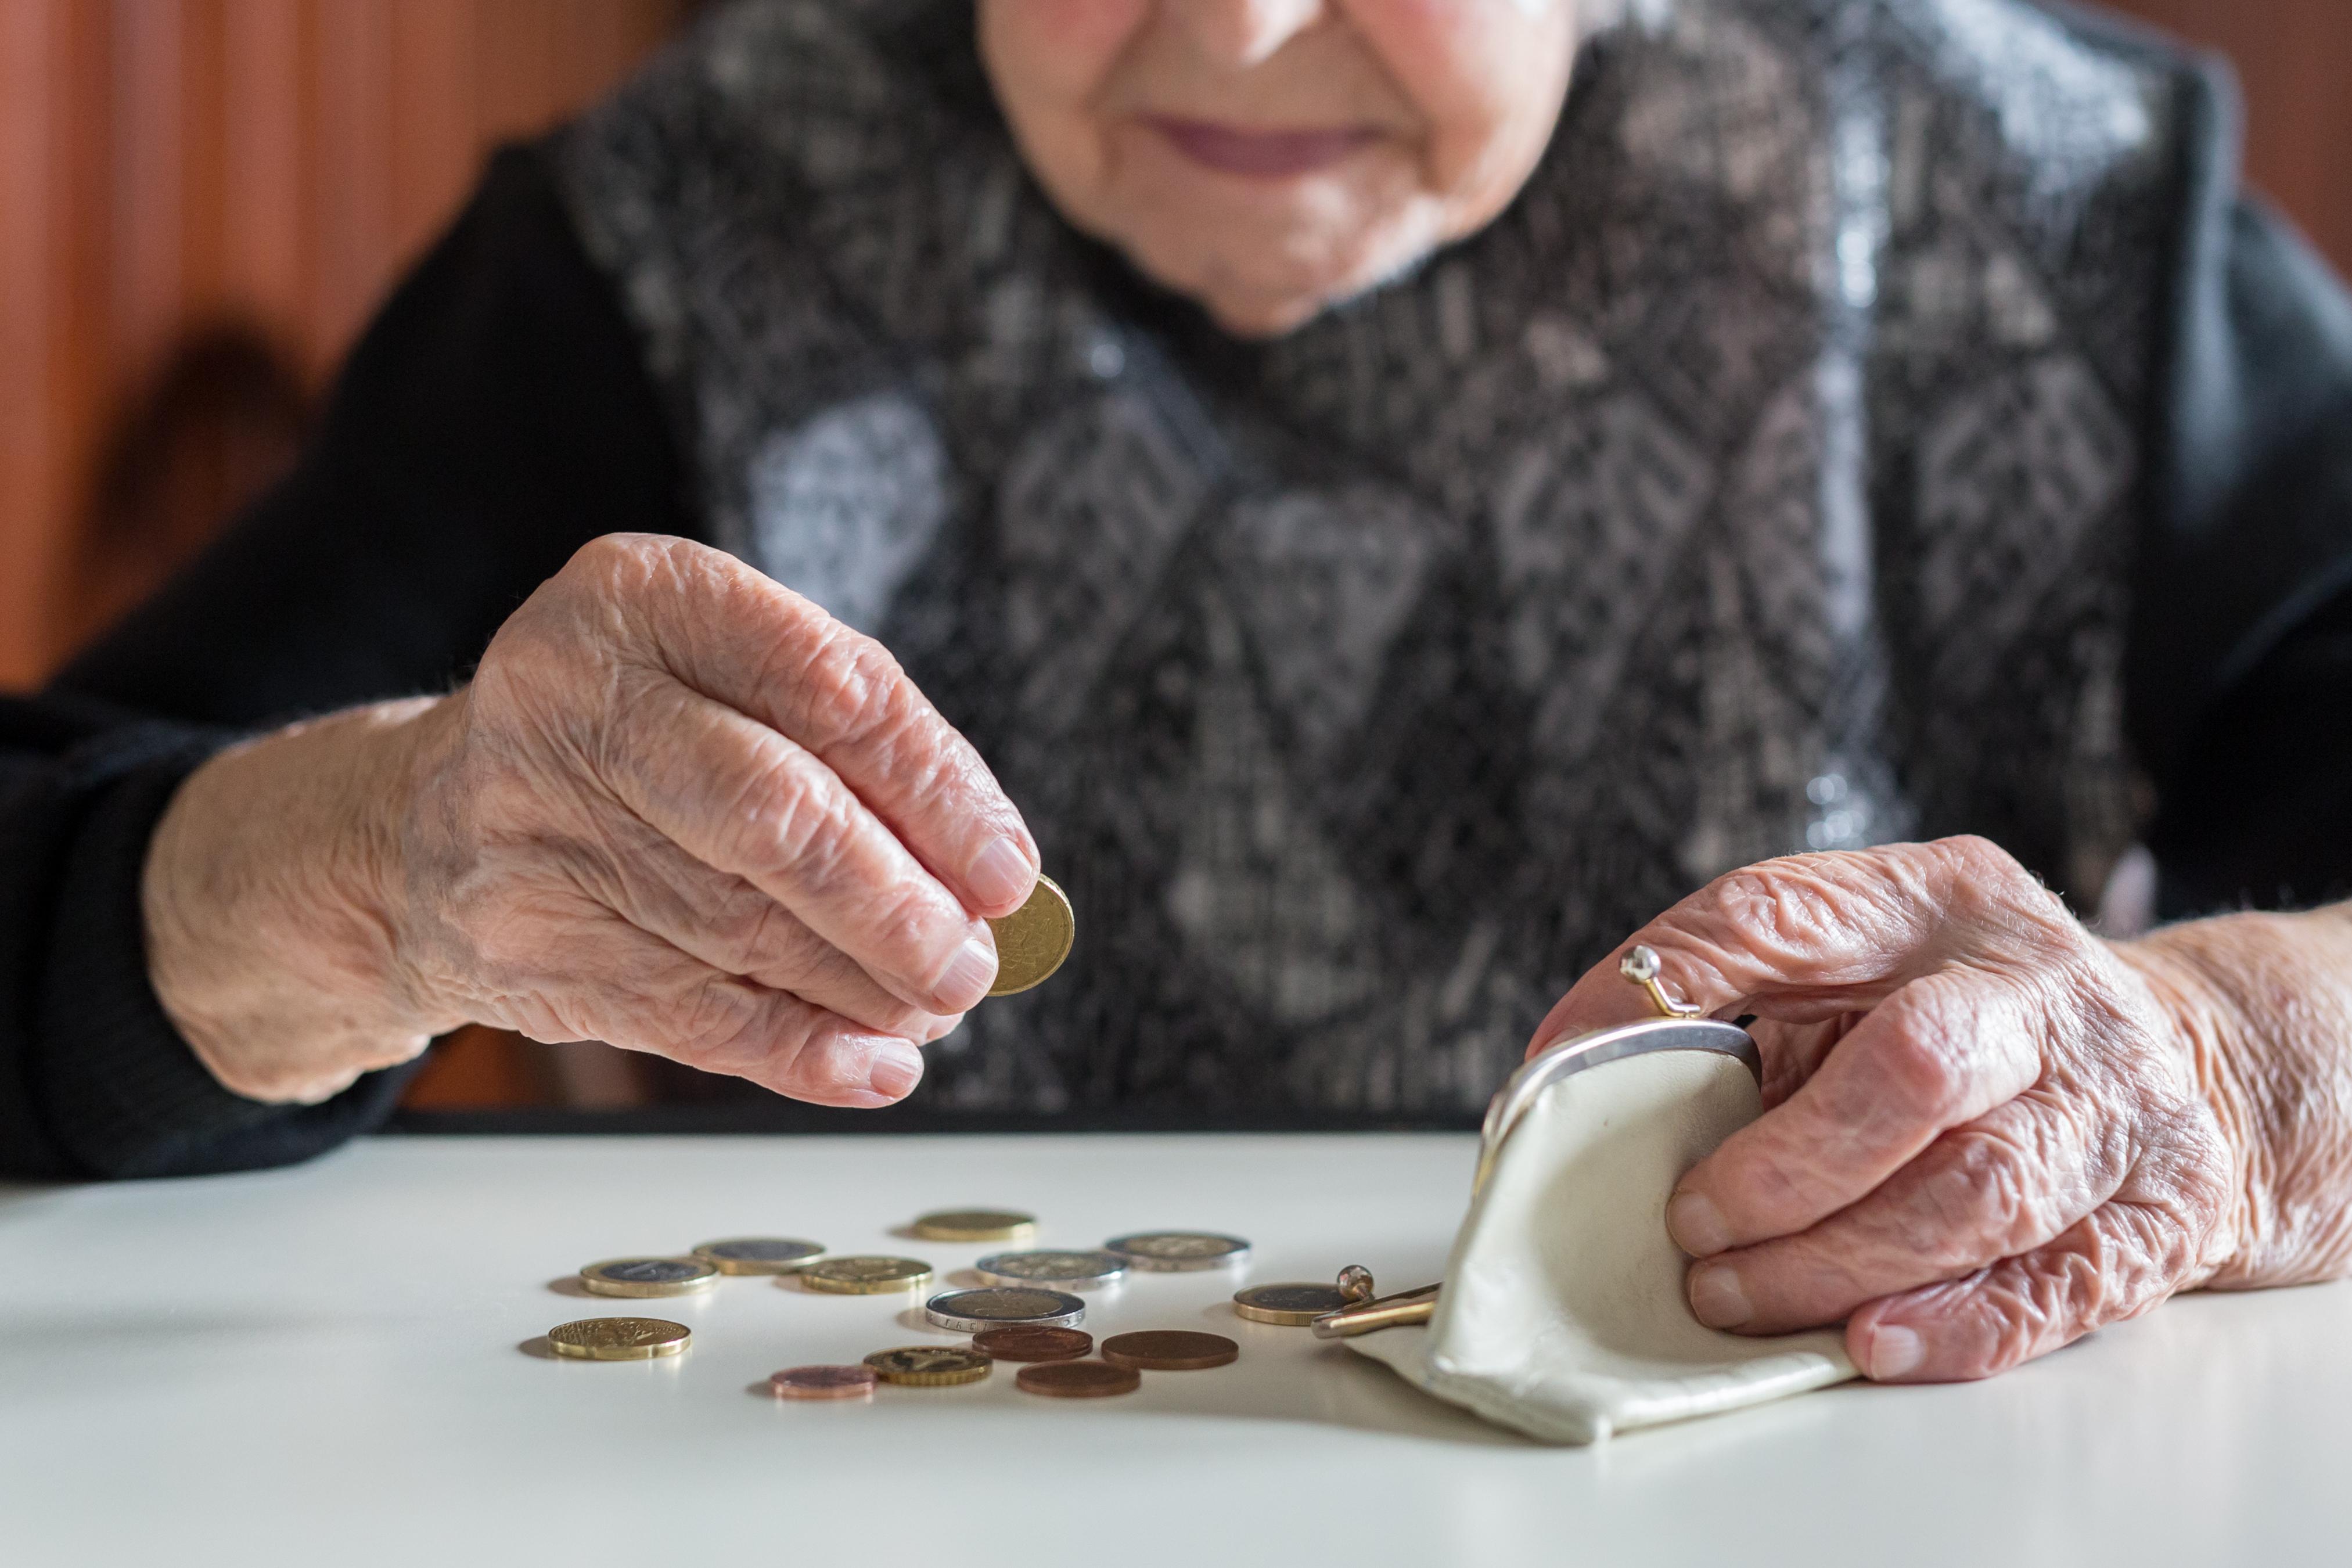 5,6 MILIONI DI PENSIONATI PIÙ POVERI - Il ricalcolo Inps prevede una riduzione degli assegni. Sindacati in piazza il 1°